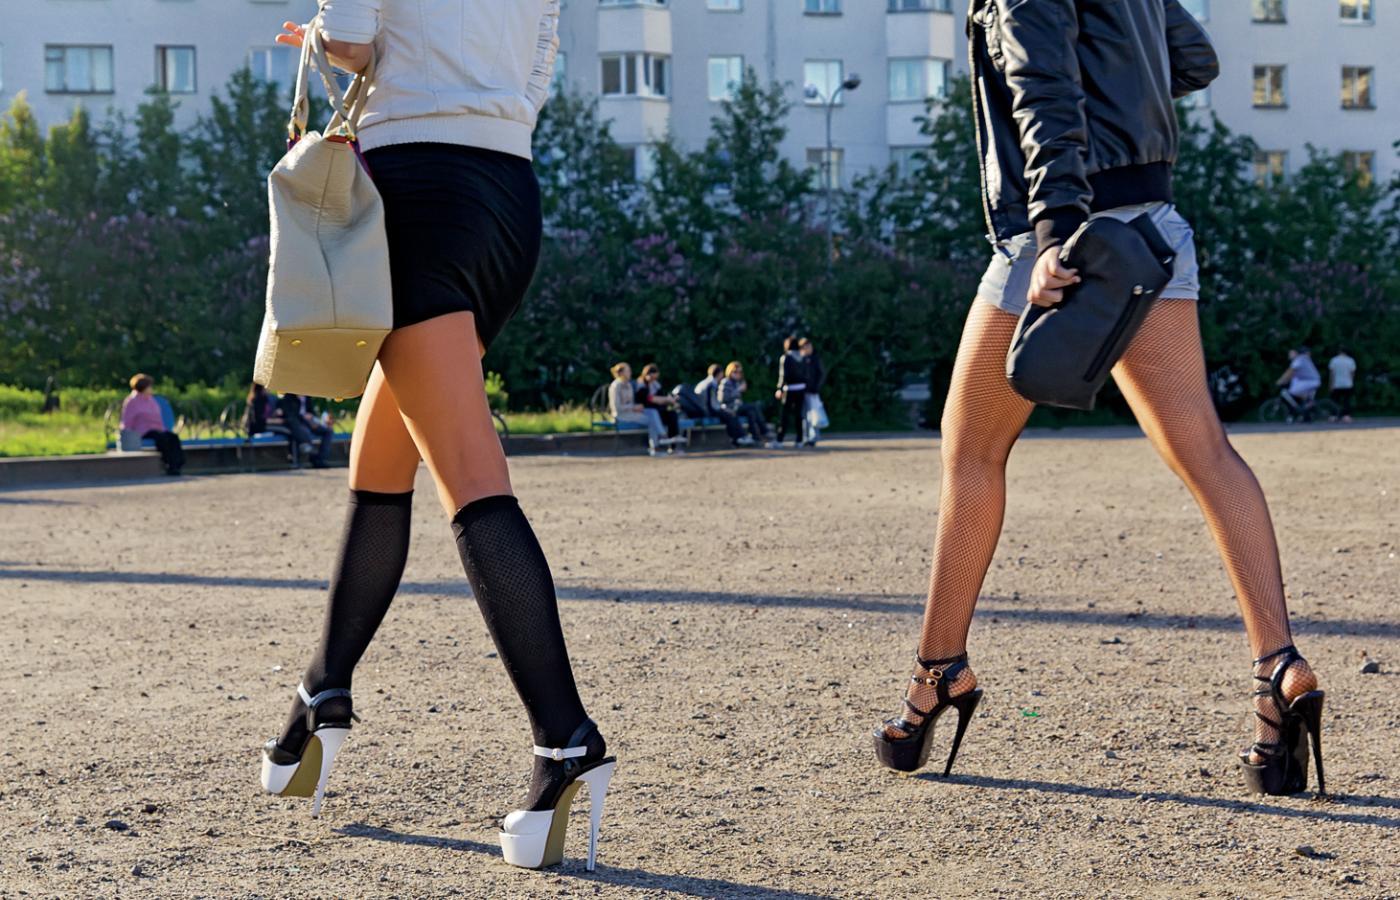 Rosjanki za kołem podbiegunowym kochają wysokie obcasy